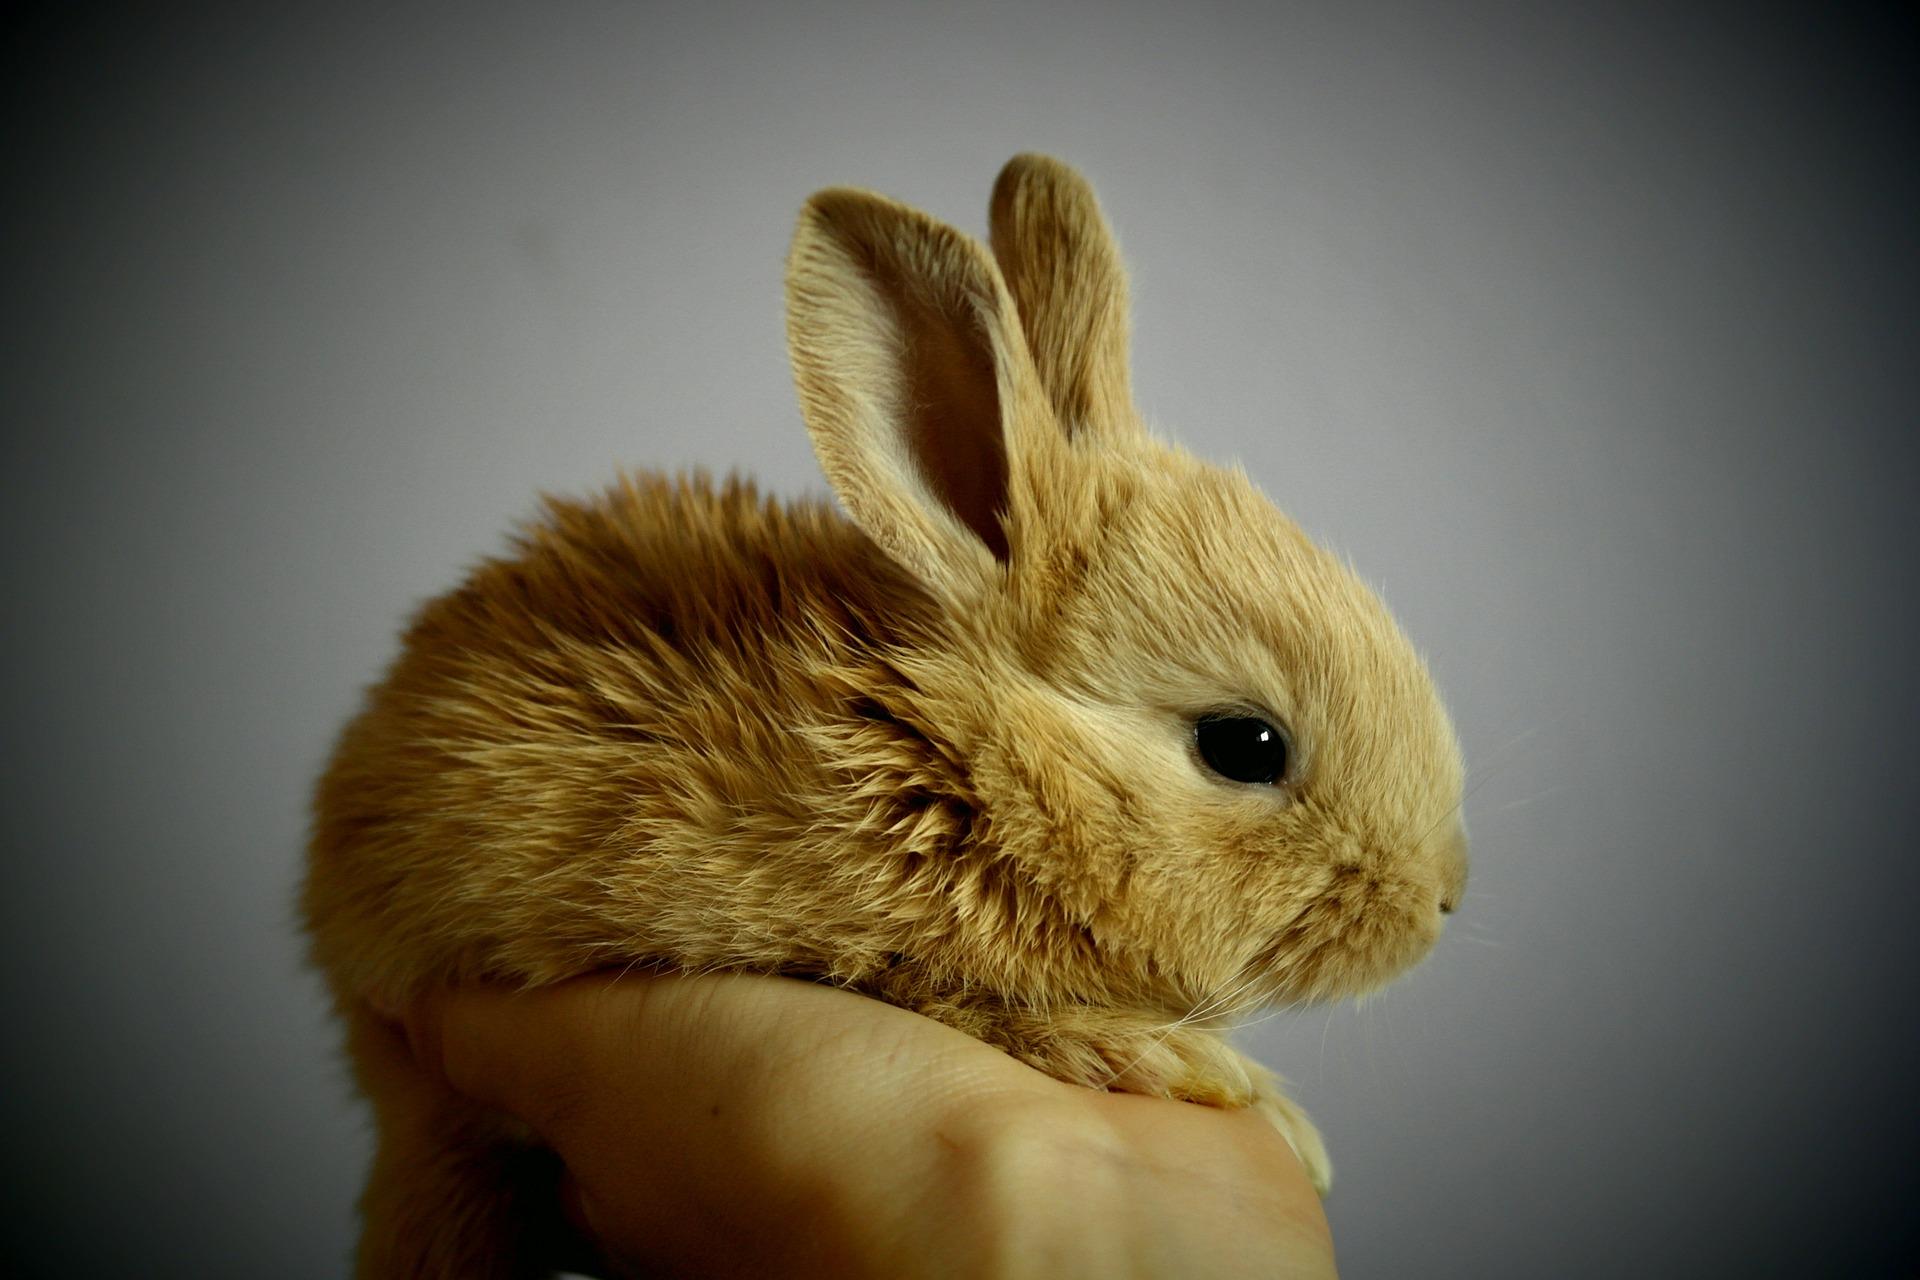 Der er ikke nogen kaniner, som kan klare sig ude på fri pote i den danske natur. De vil enten dø af sygdomme, af sult eller blive taget af ræven, så tag ansvar for den kanin, som I har anskaffet jer, og som i måske ikke kan have længere,